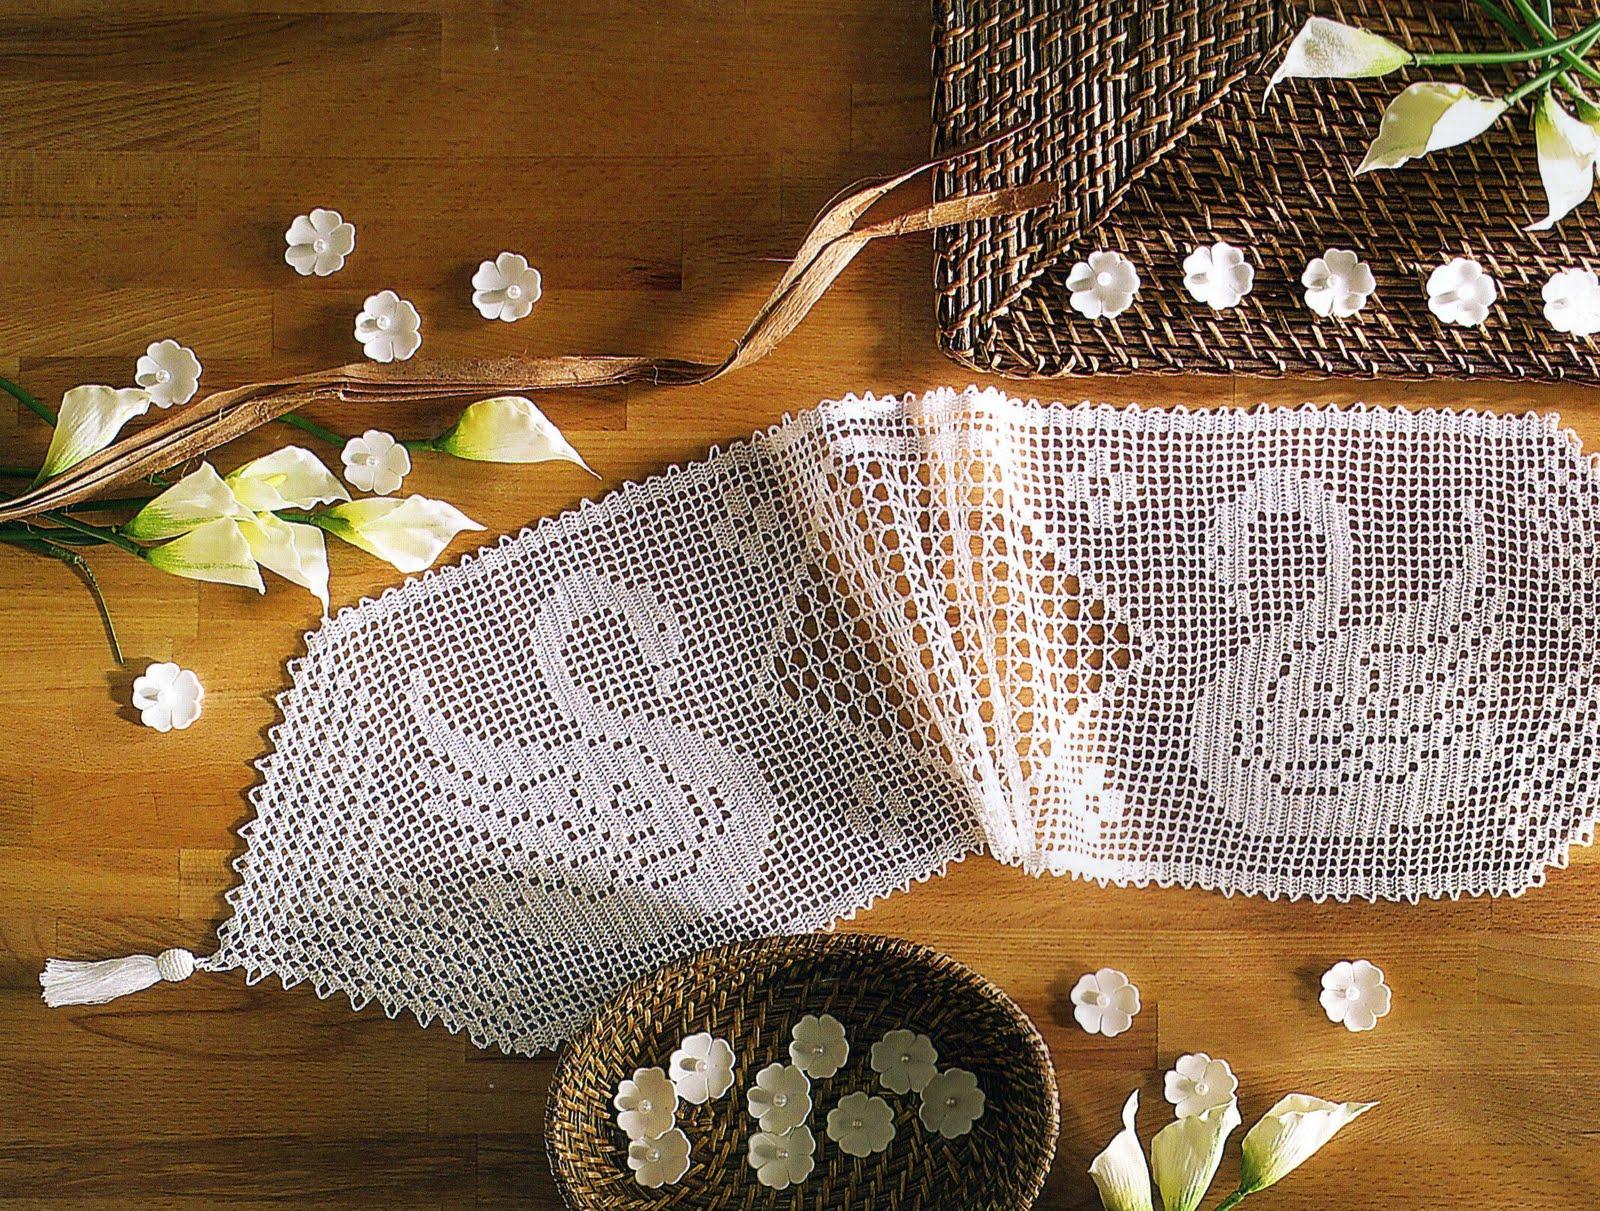 tejidos artesanales en crochet: galeria de imagenes